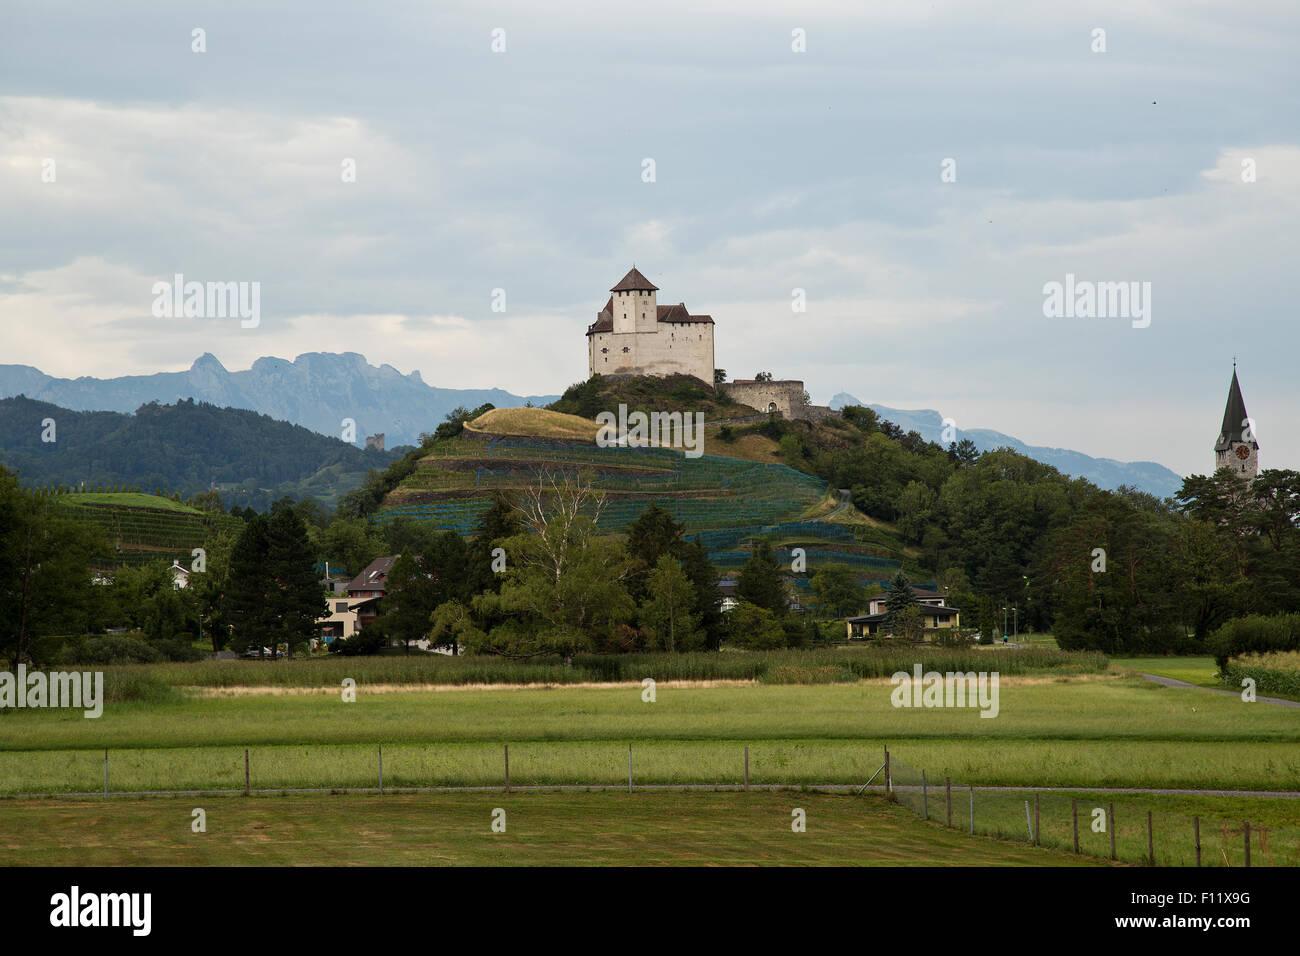 Burg Gutenberg castle in Liechtenstein Stock Photo